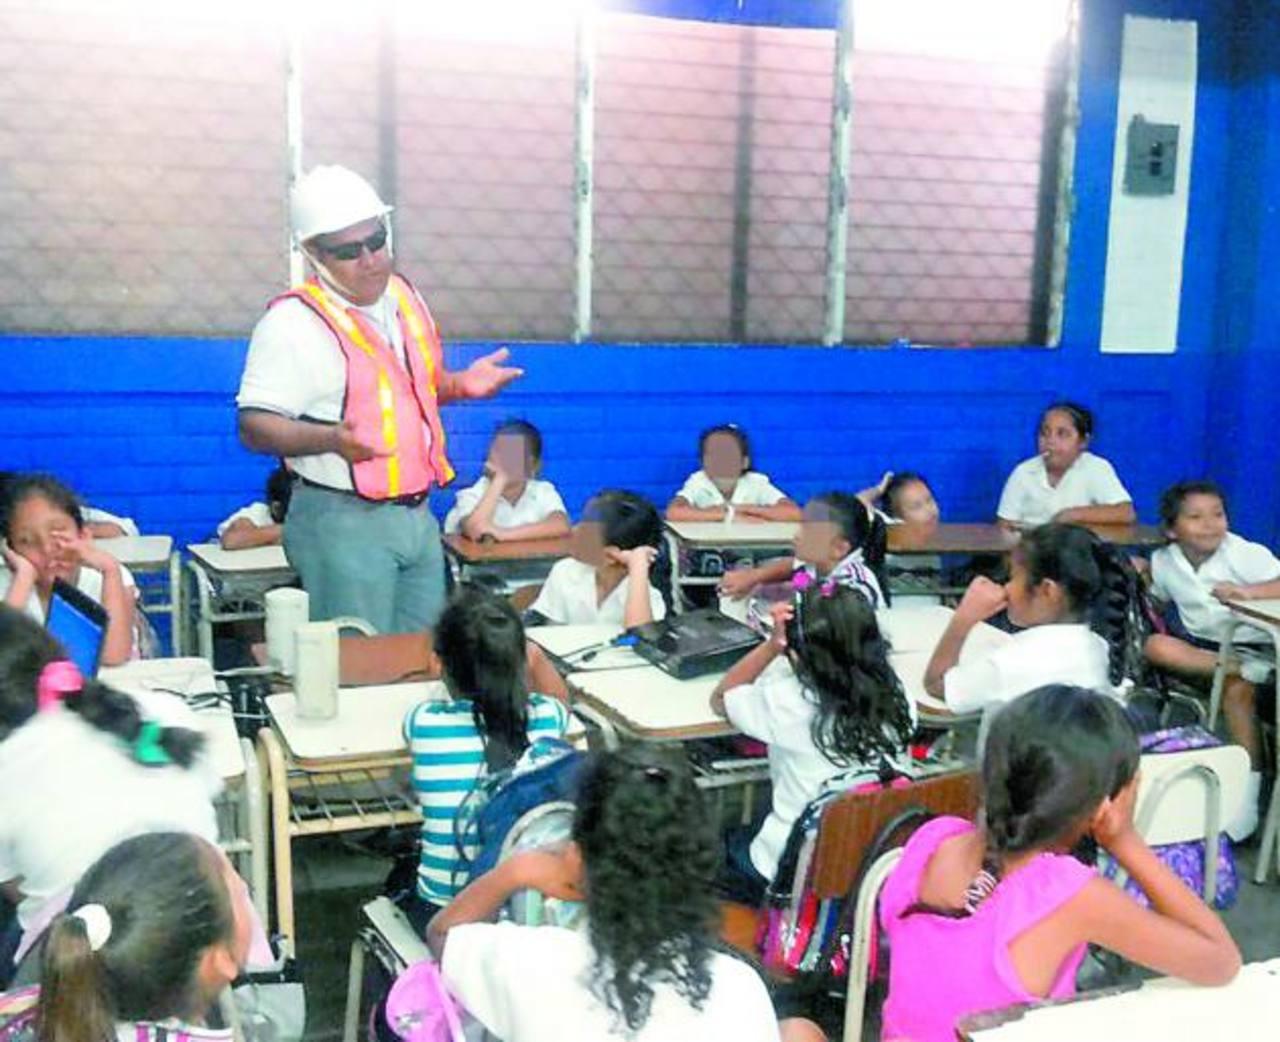 A los niños se les enseña cómo ahorrar la energía eléctrica en sus hogares. —Foto EDH / Insy Mendoza